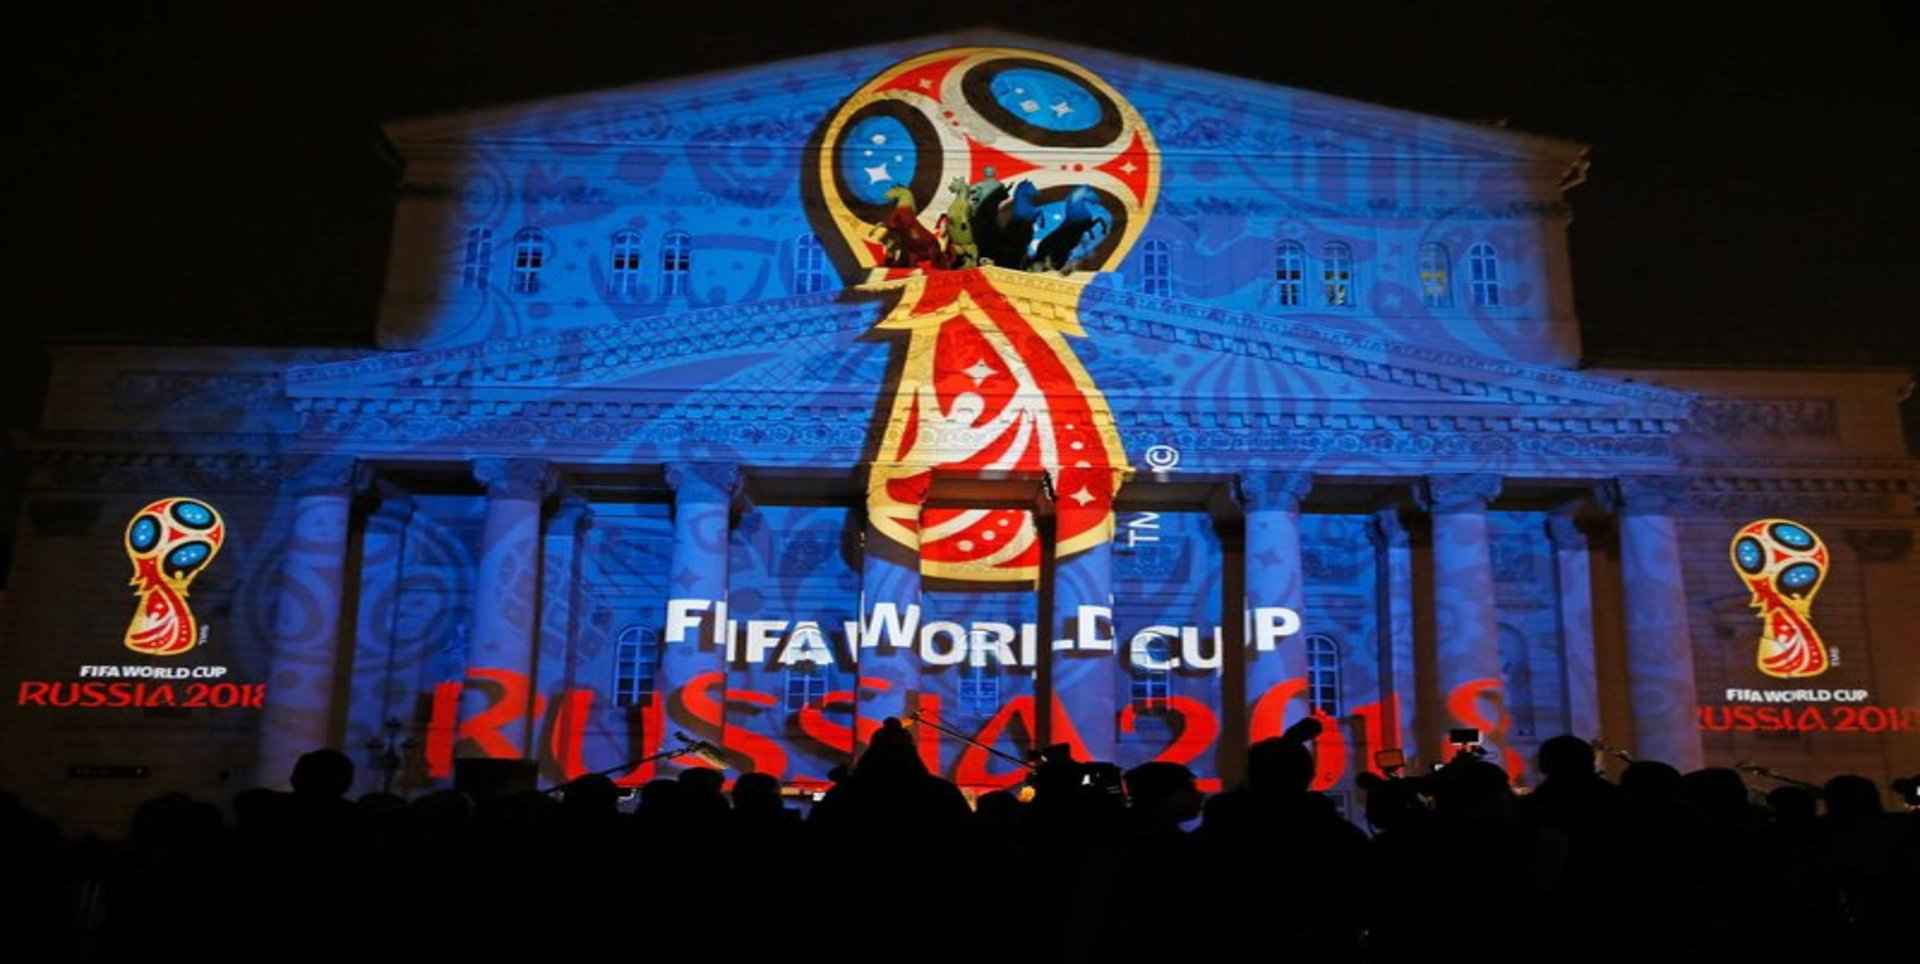 fifa-wc-portugal-vs-switzerland-live